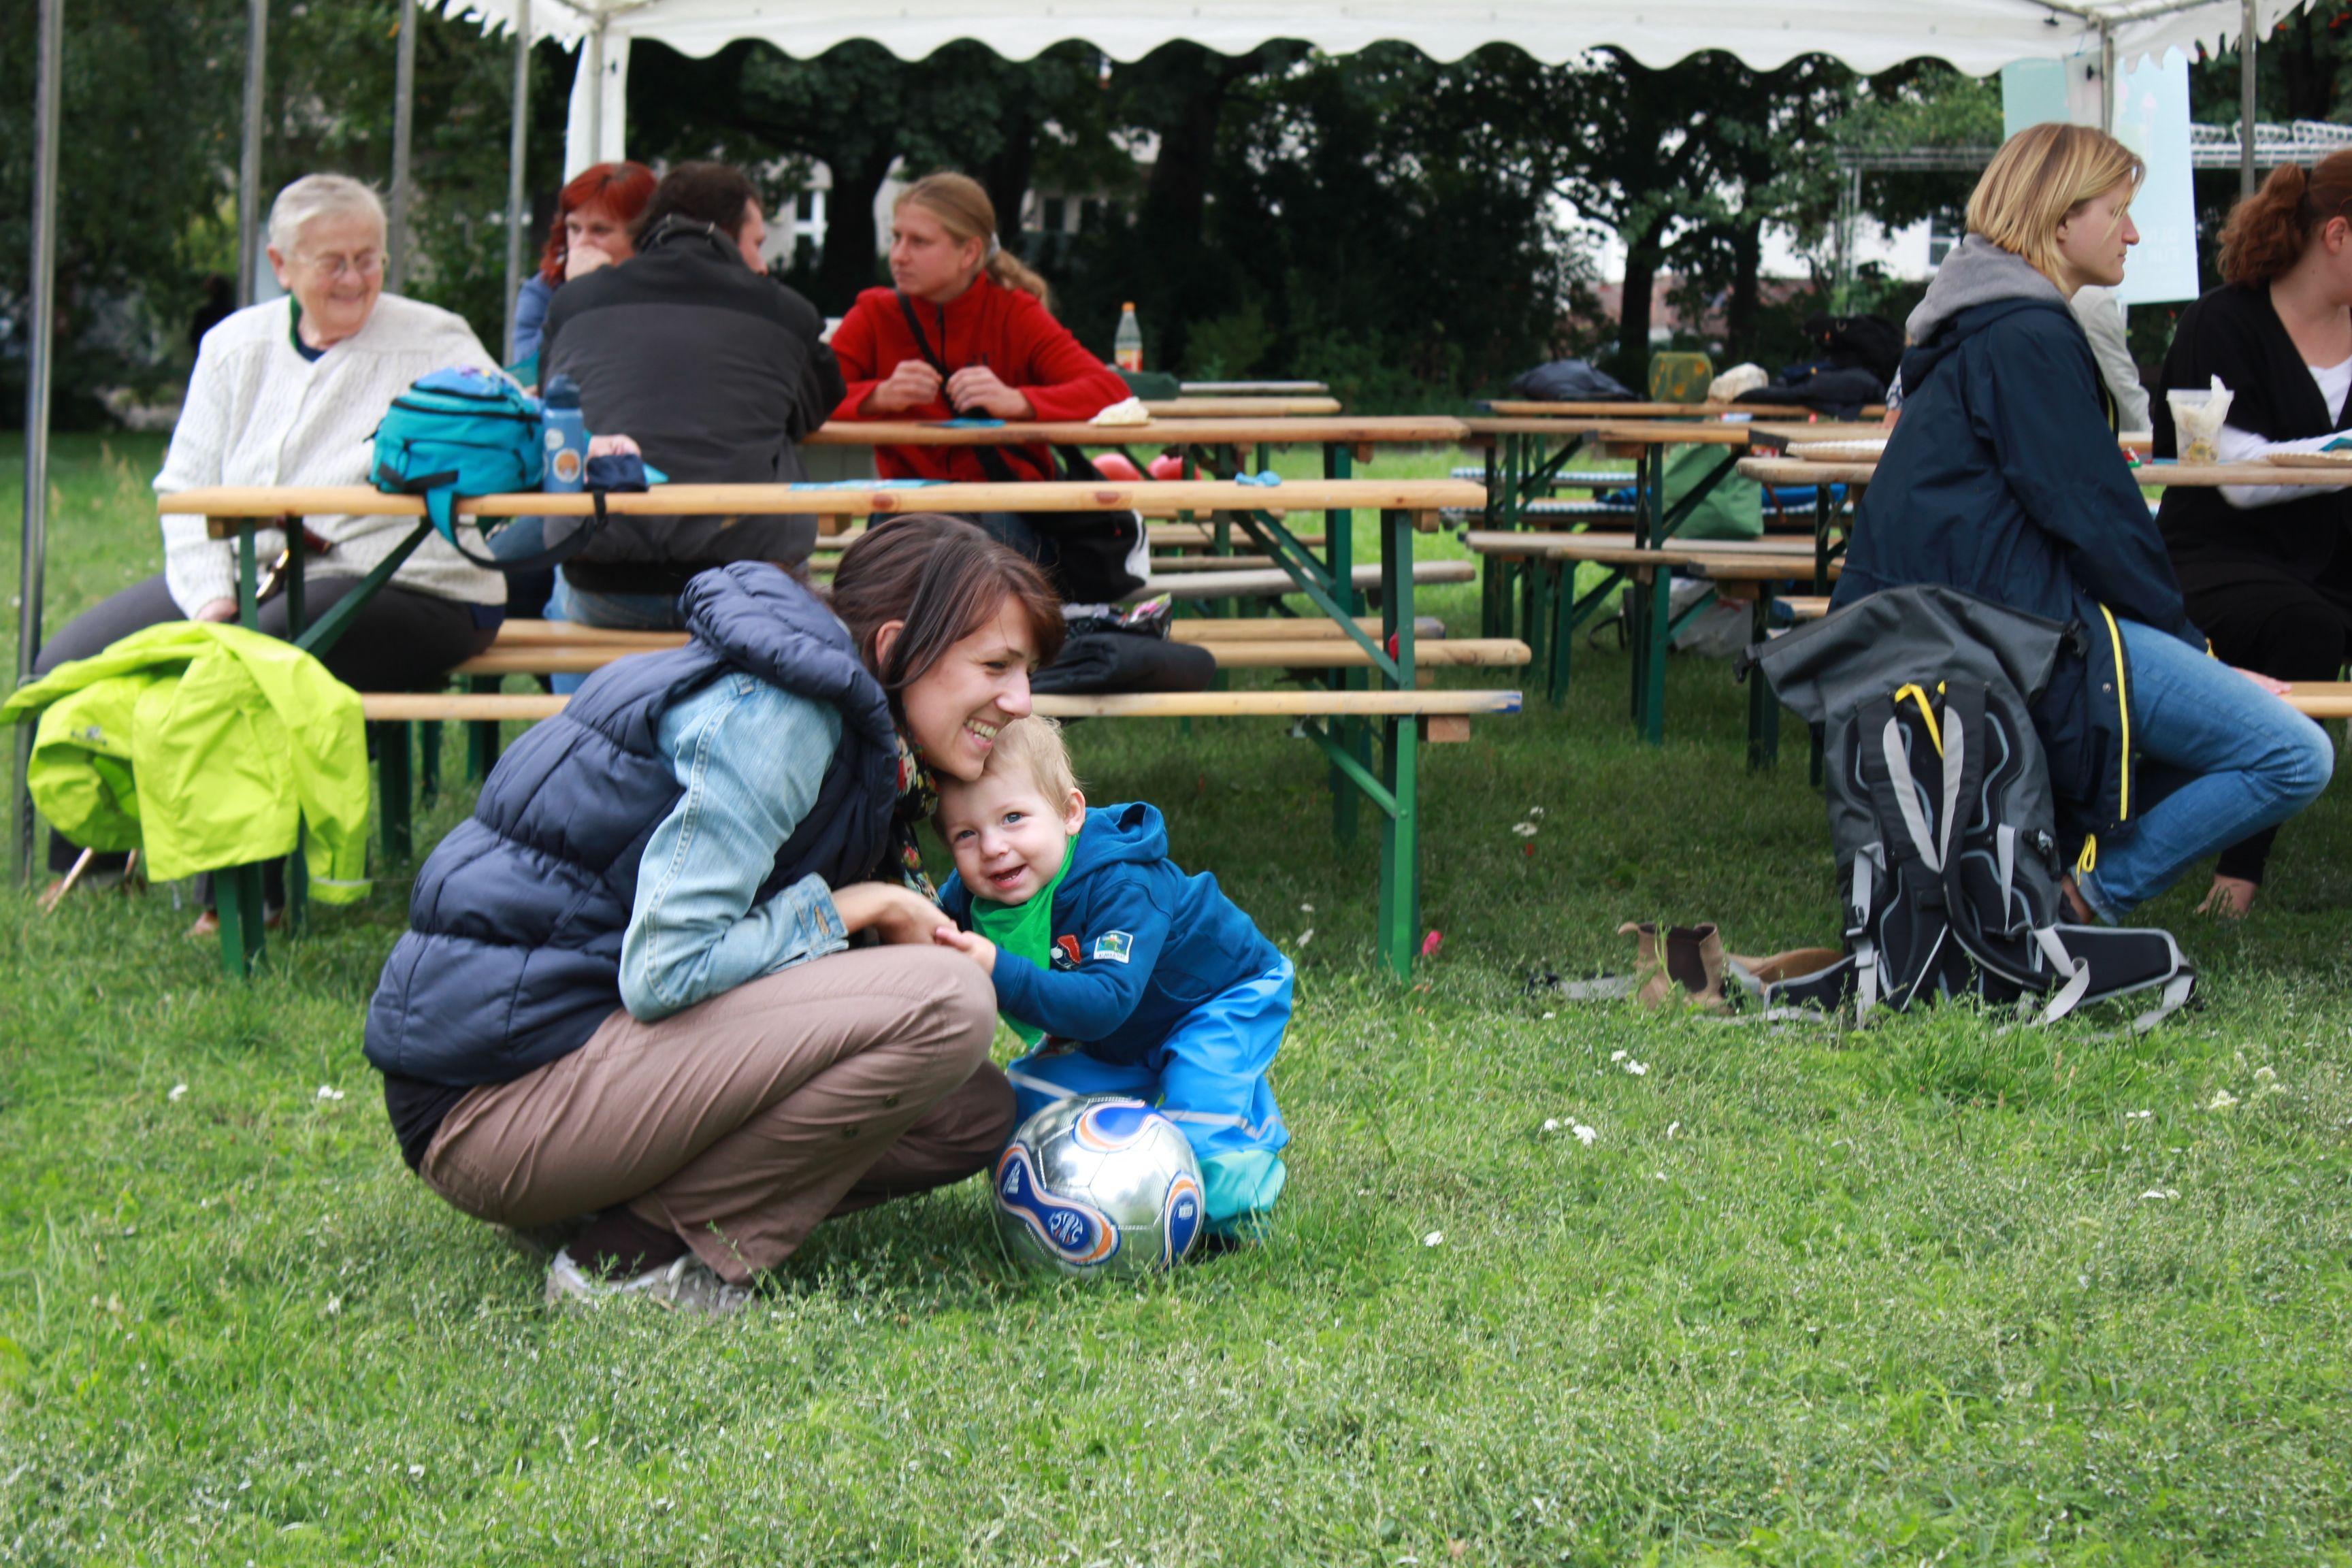 07_Familien-Sonntag